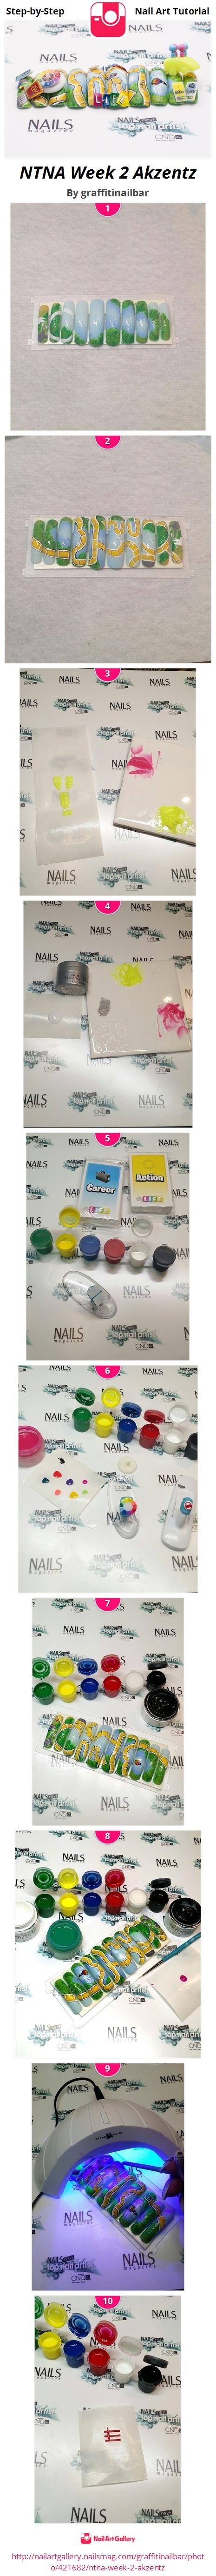 NTNA Week 2 Akzentz - Nail Art Gallery